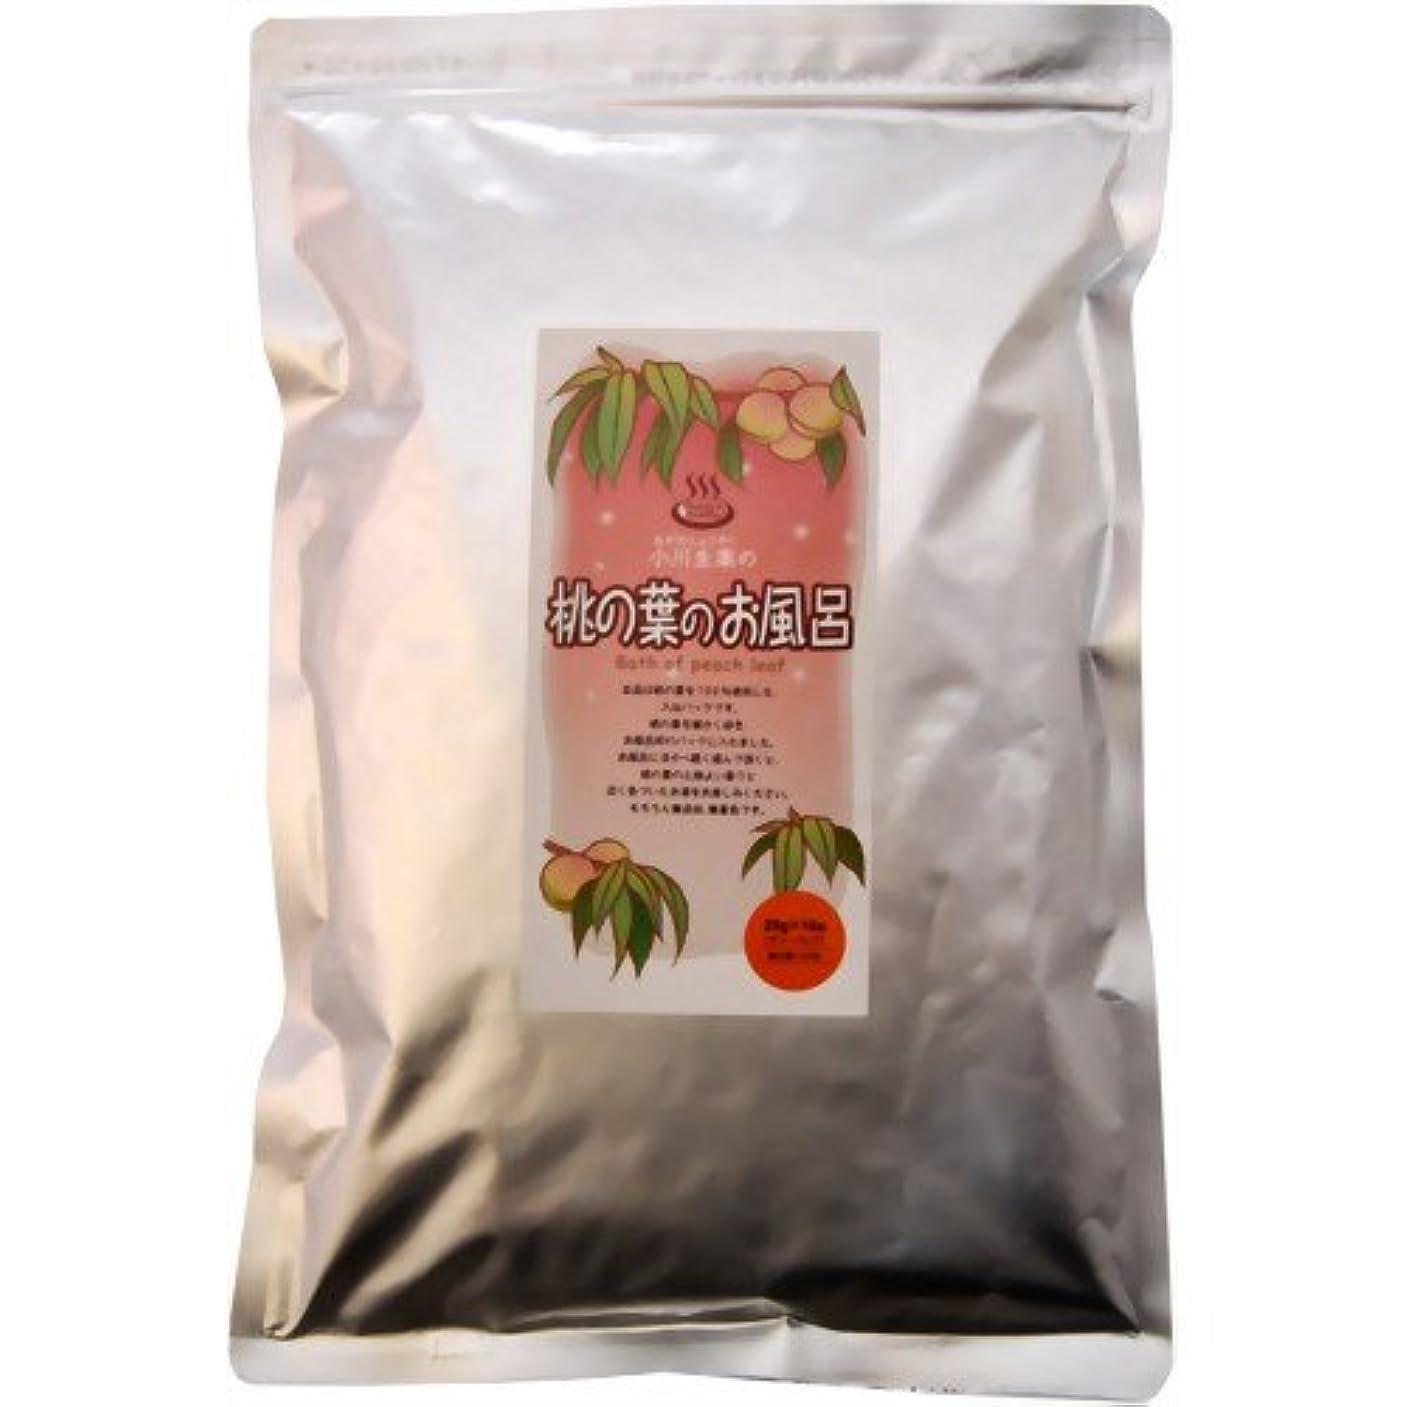 インドアダルト貪欲小川生薬の桃の葉のお風呂 20g*10袋